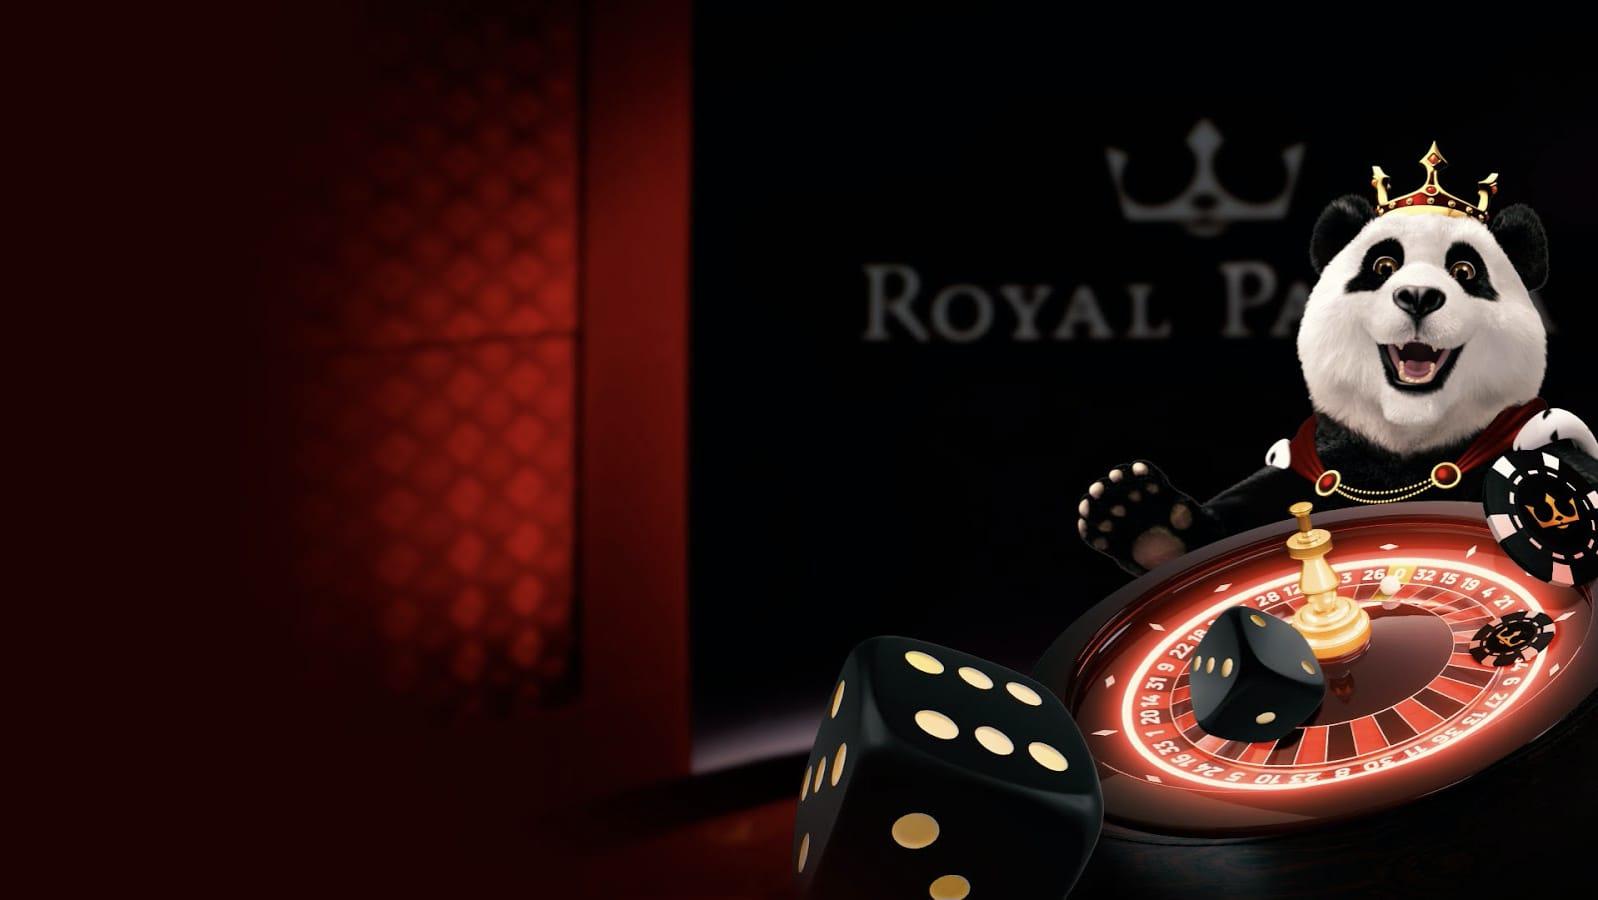 royal panda y su bono de casino